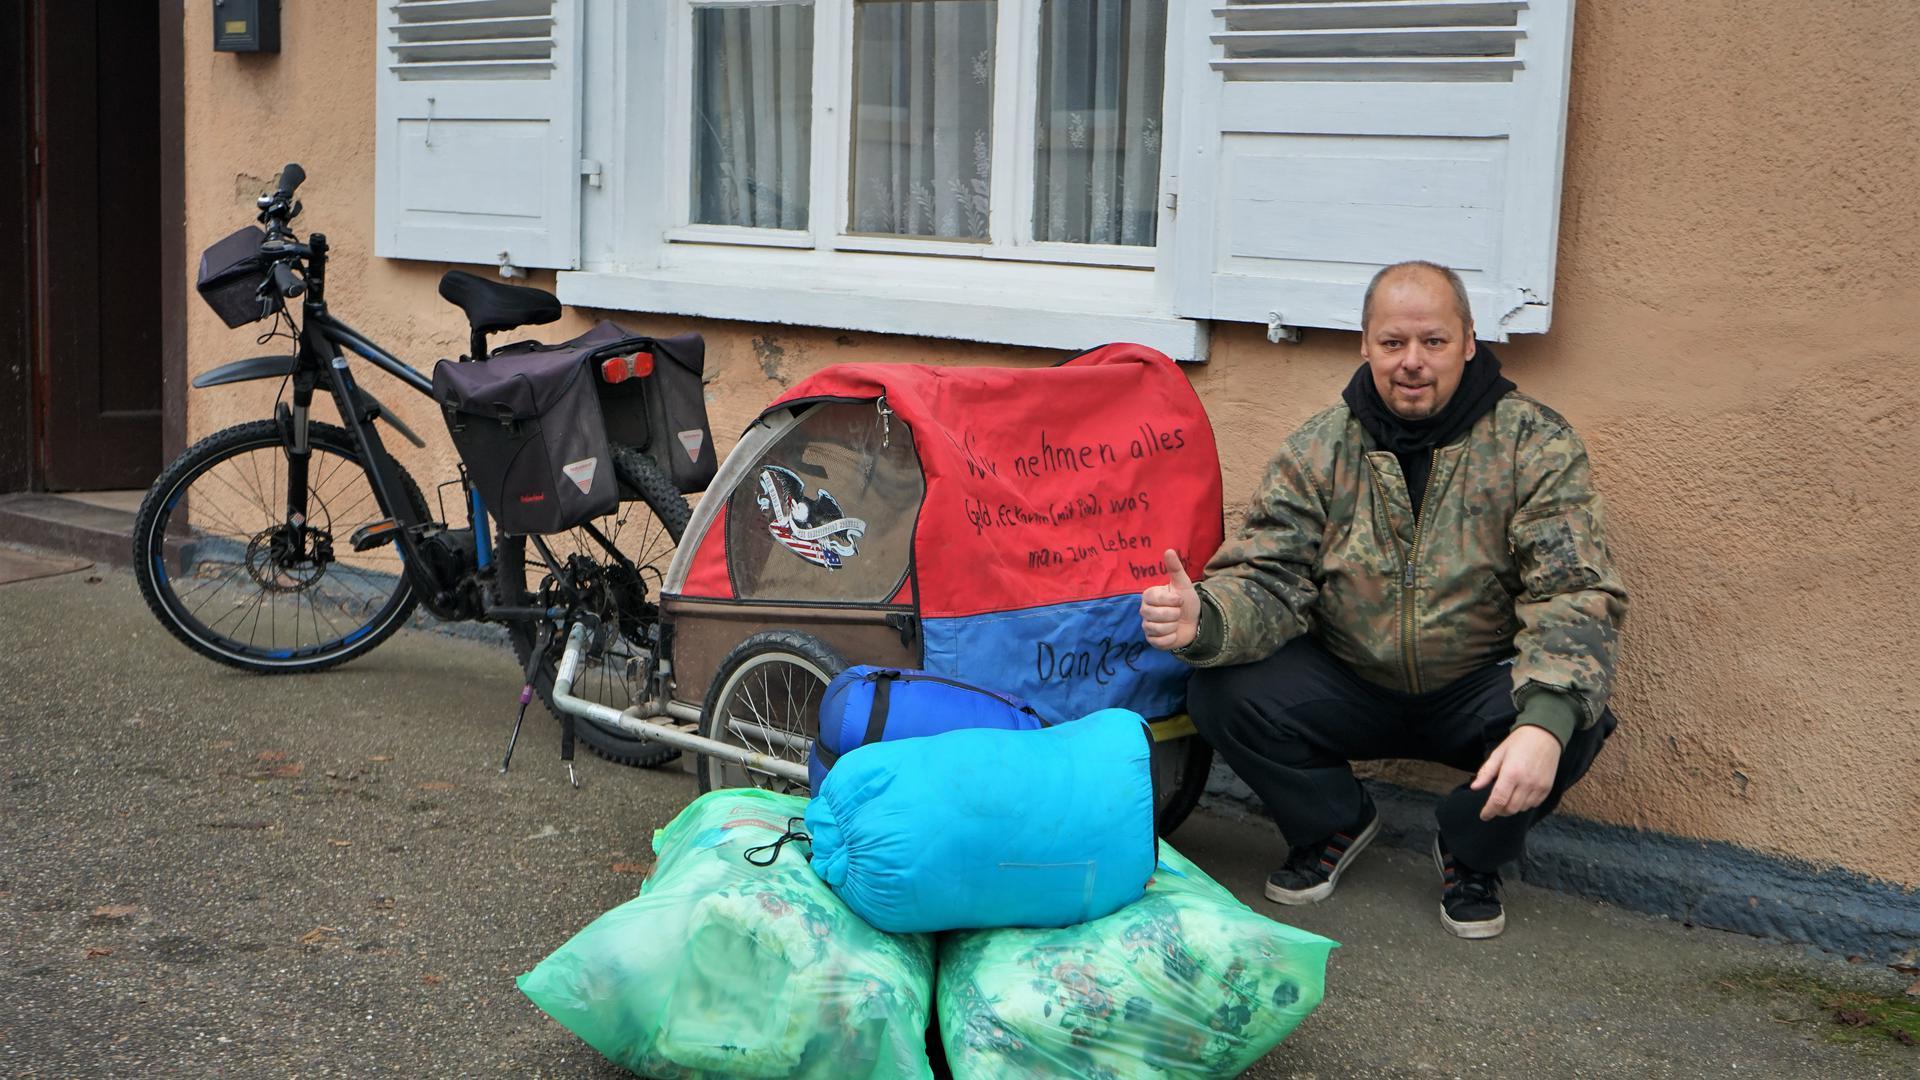 Reichhaltiges Gepäck:  Maik Sattelberg bringt mit seinem E-Bike  nicht nur warme Winterkleidung  zu Obdachlosen